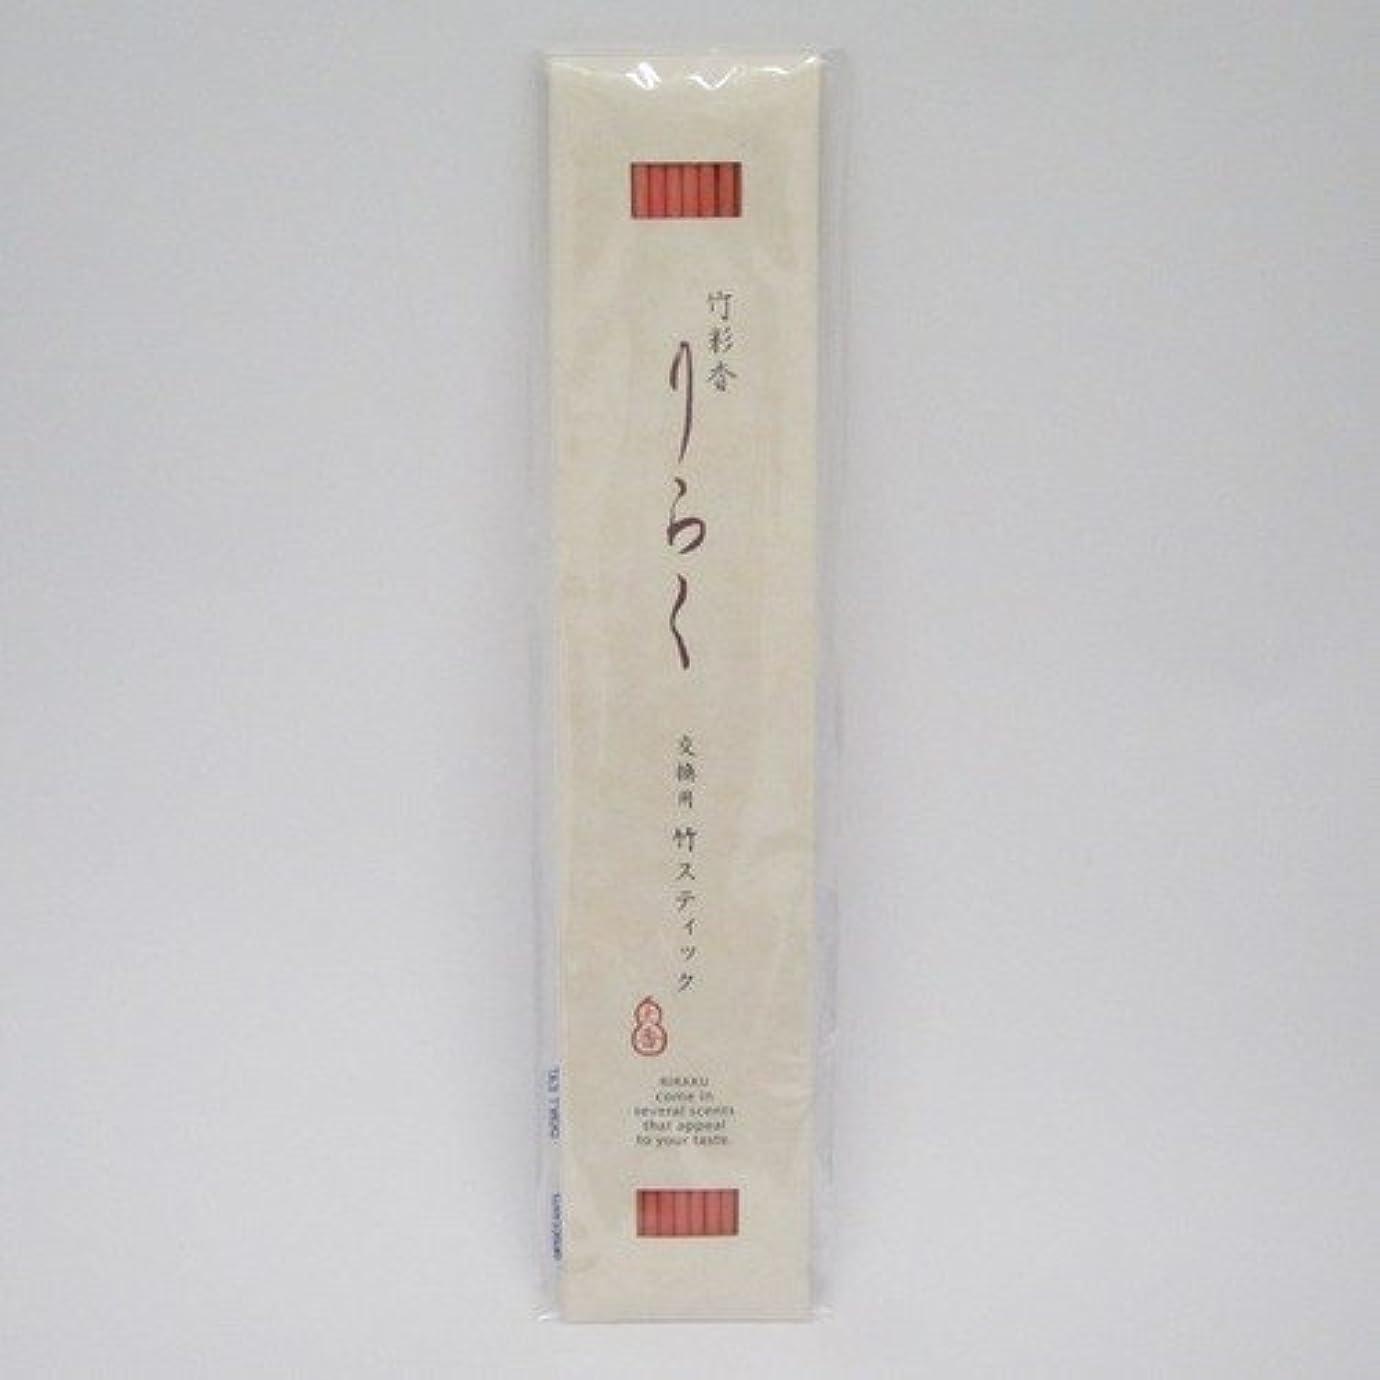 巻き戻す床あごひげりらく 竹彩香りらく竹スティック さくらの色